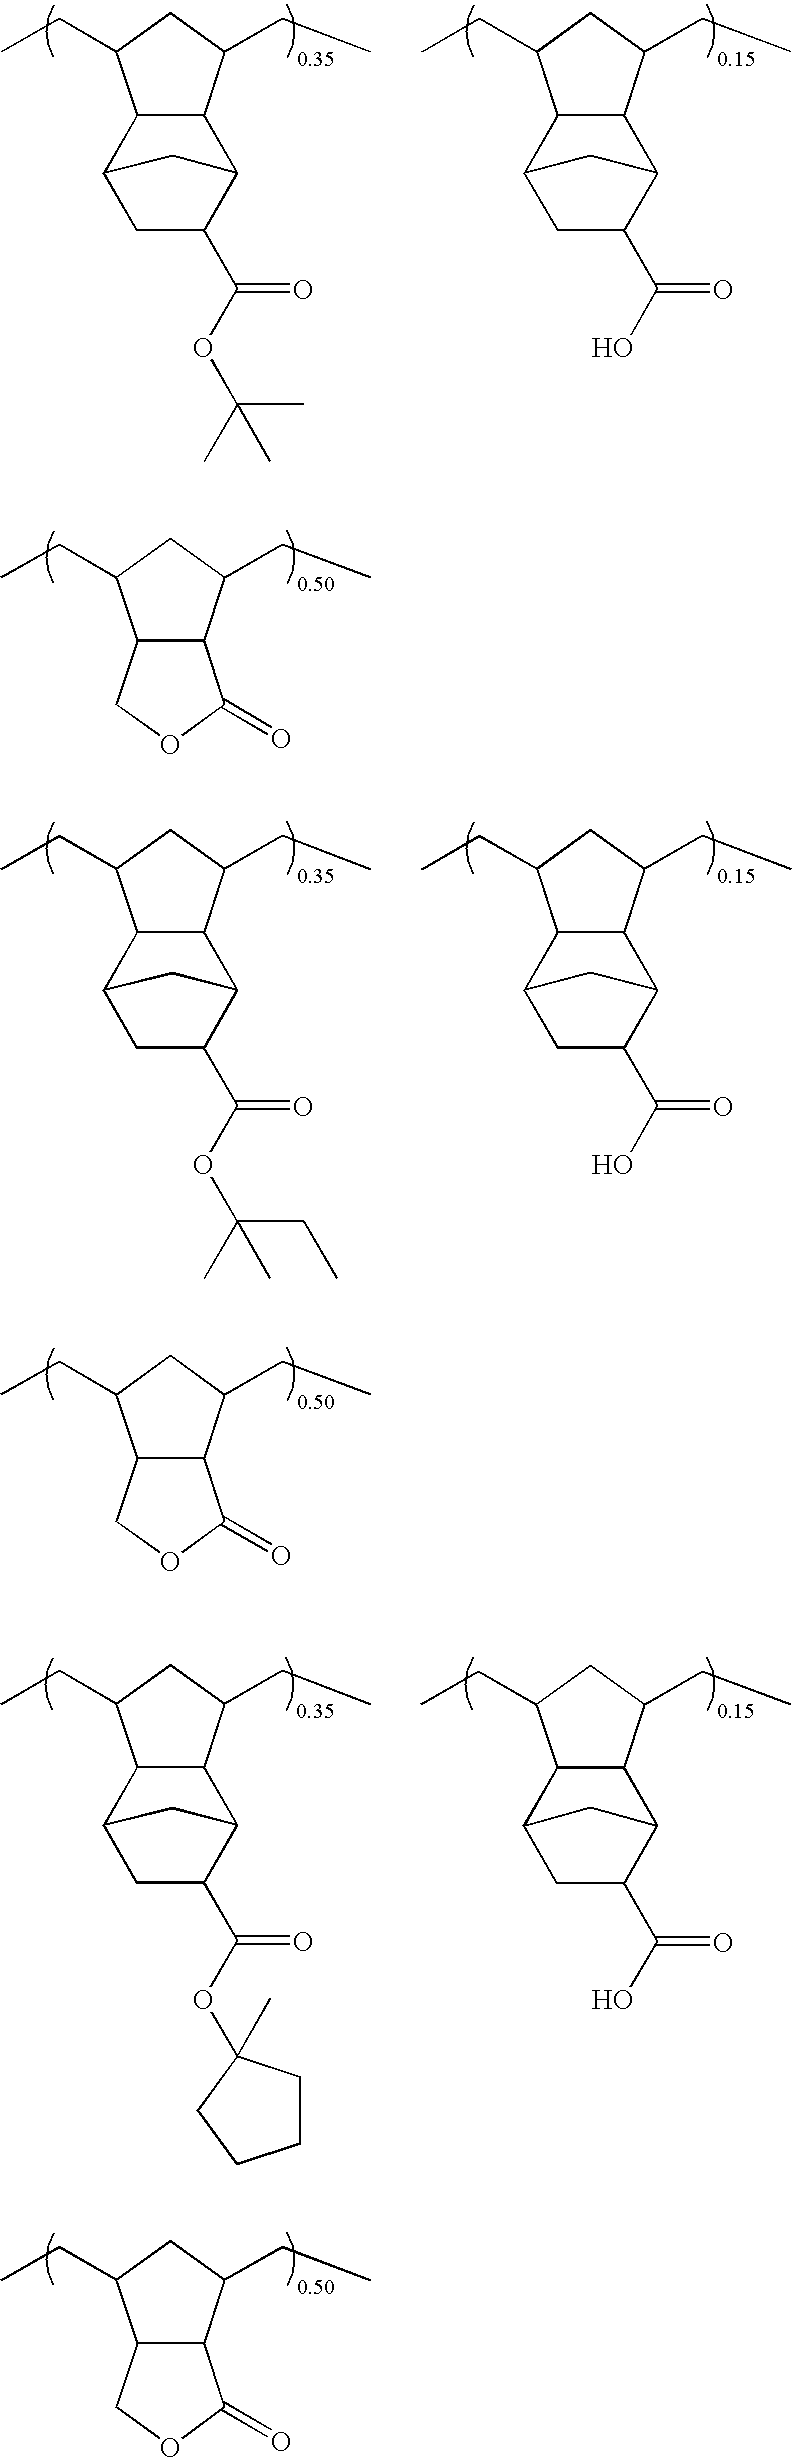 Figure US20090280434A1-20091112-C00054